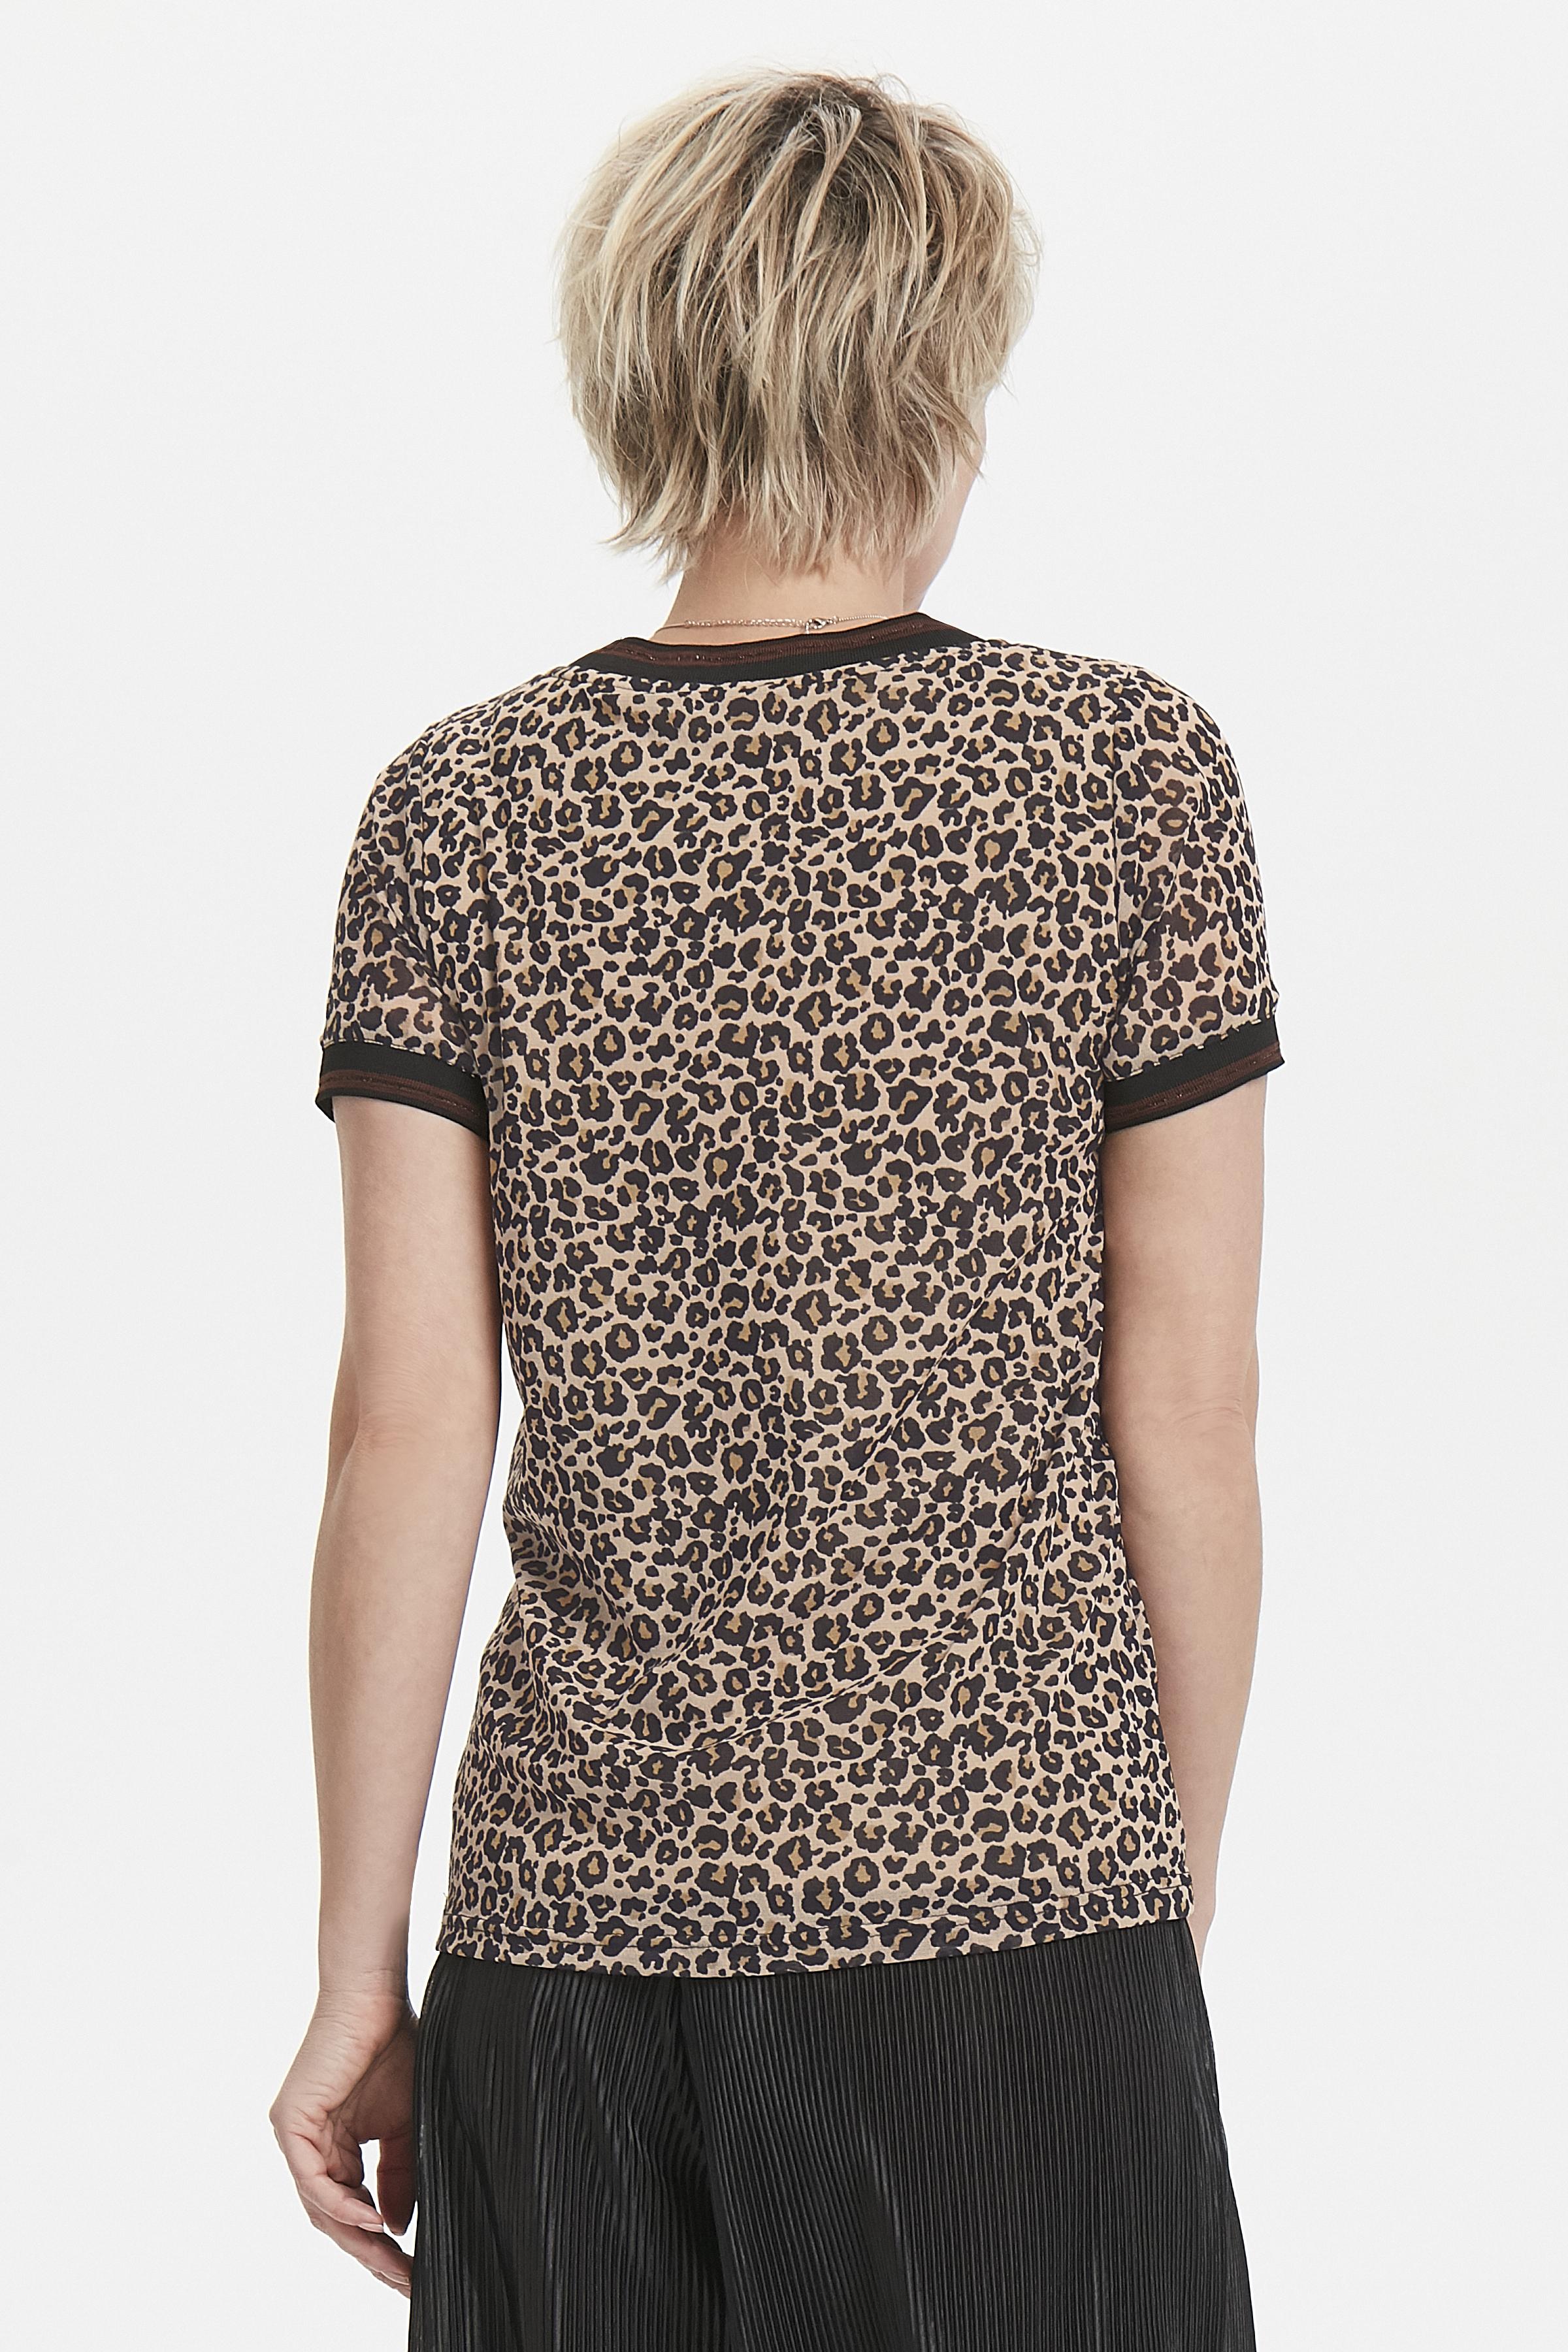 Sort/sand Kortærmet bluse fra Bon'A Parte – Køb Sort/sand Kortærmet bluse fra str. S-2XL her